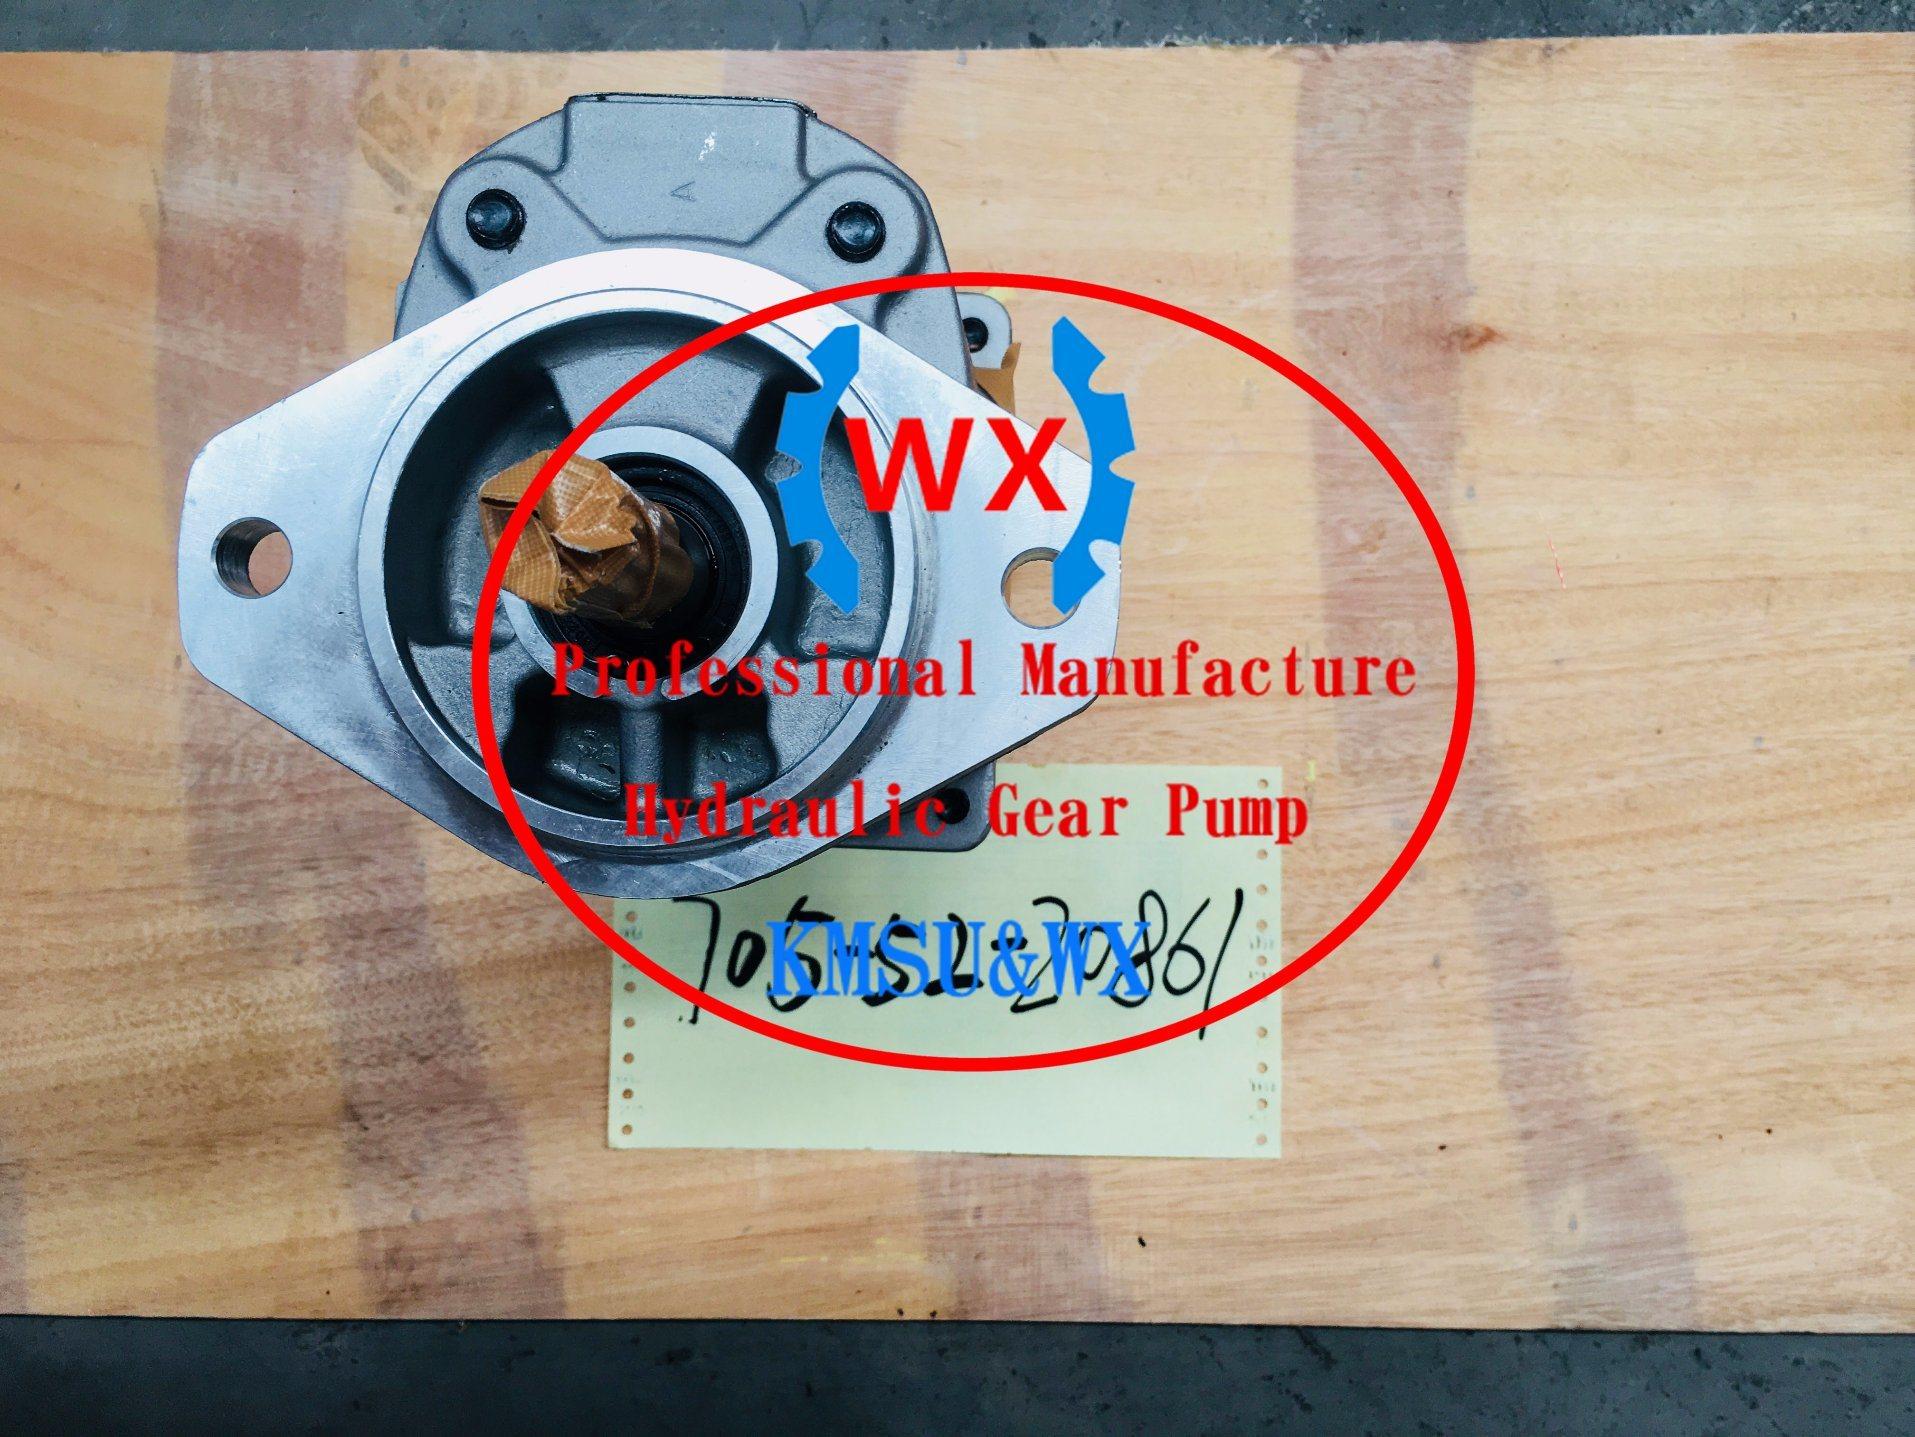 China Komatsu Part No: 705-52-20861hydraulic Gear Pumps Oil